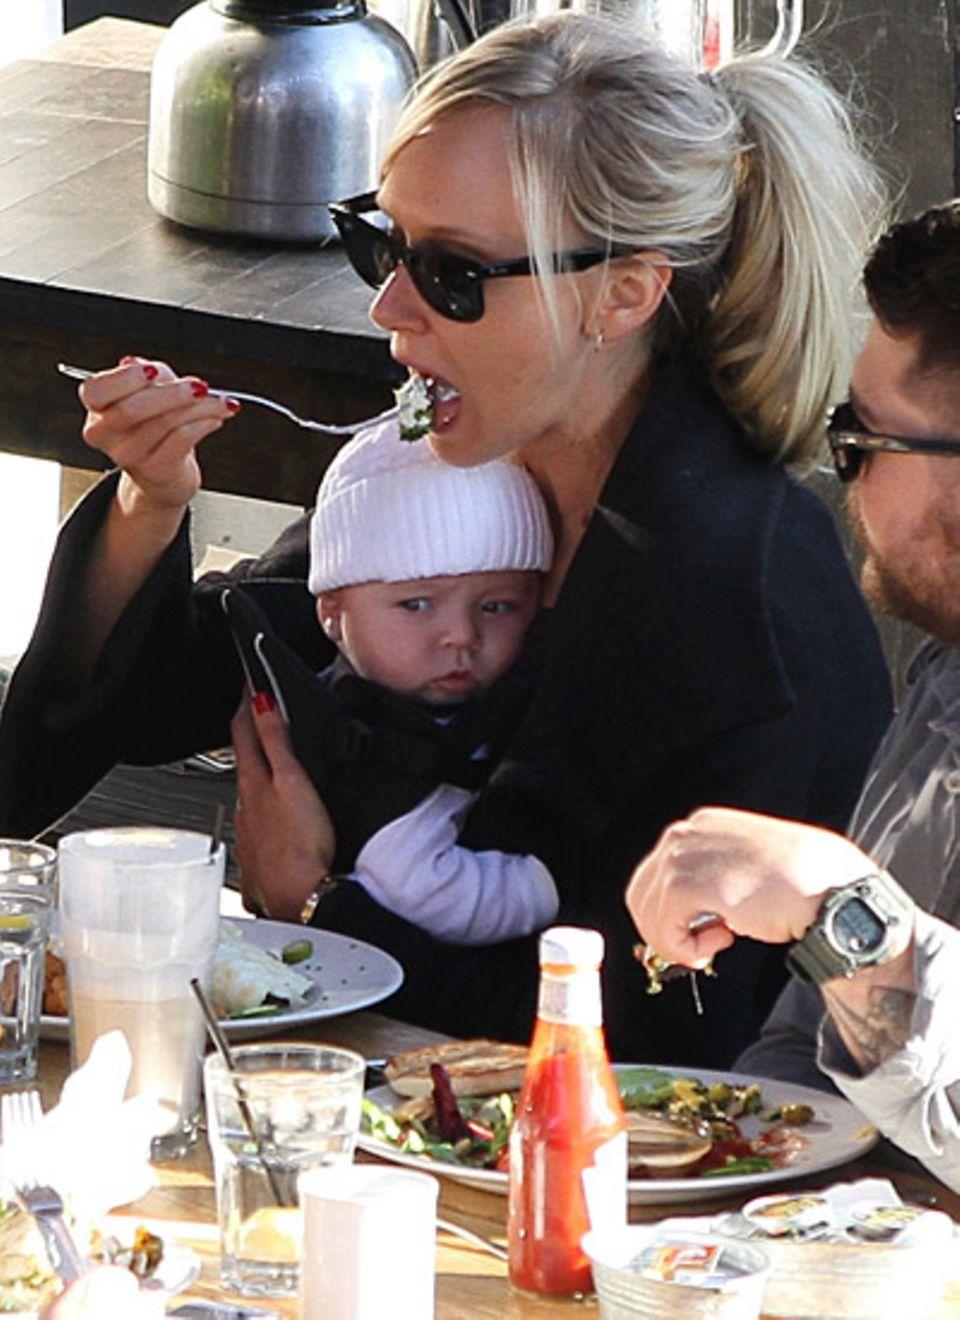 Dezember 2011: Kimberly Stewart brachte am 21. August die kleine Delilah zur Welt. Vater des Kindes ist Schauspieler Benicio del